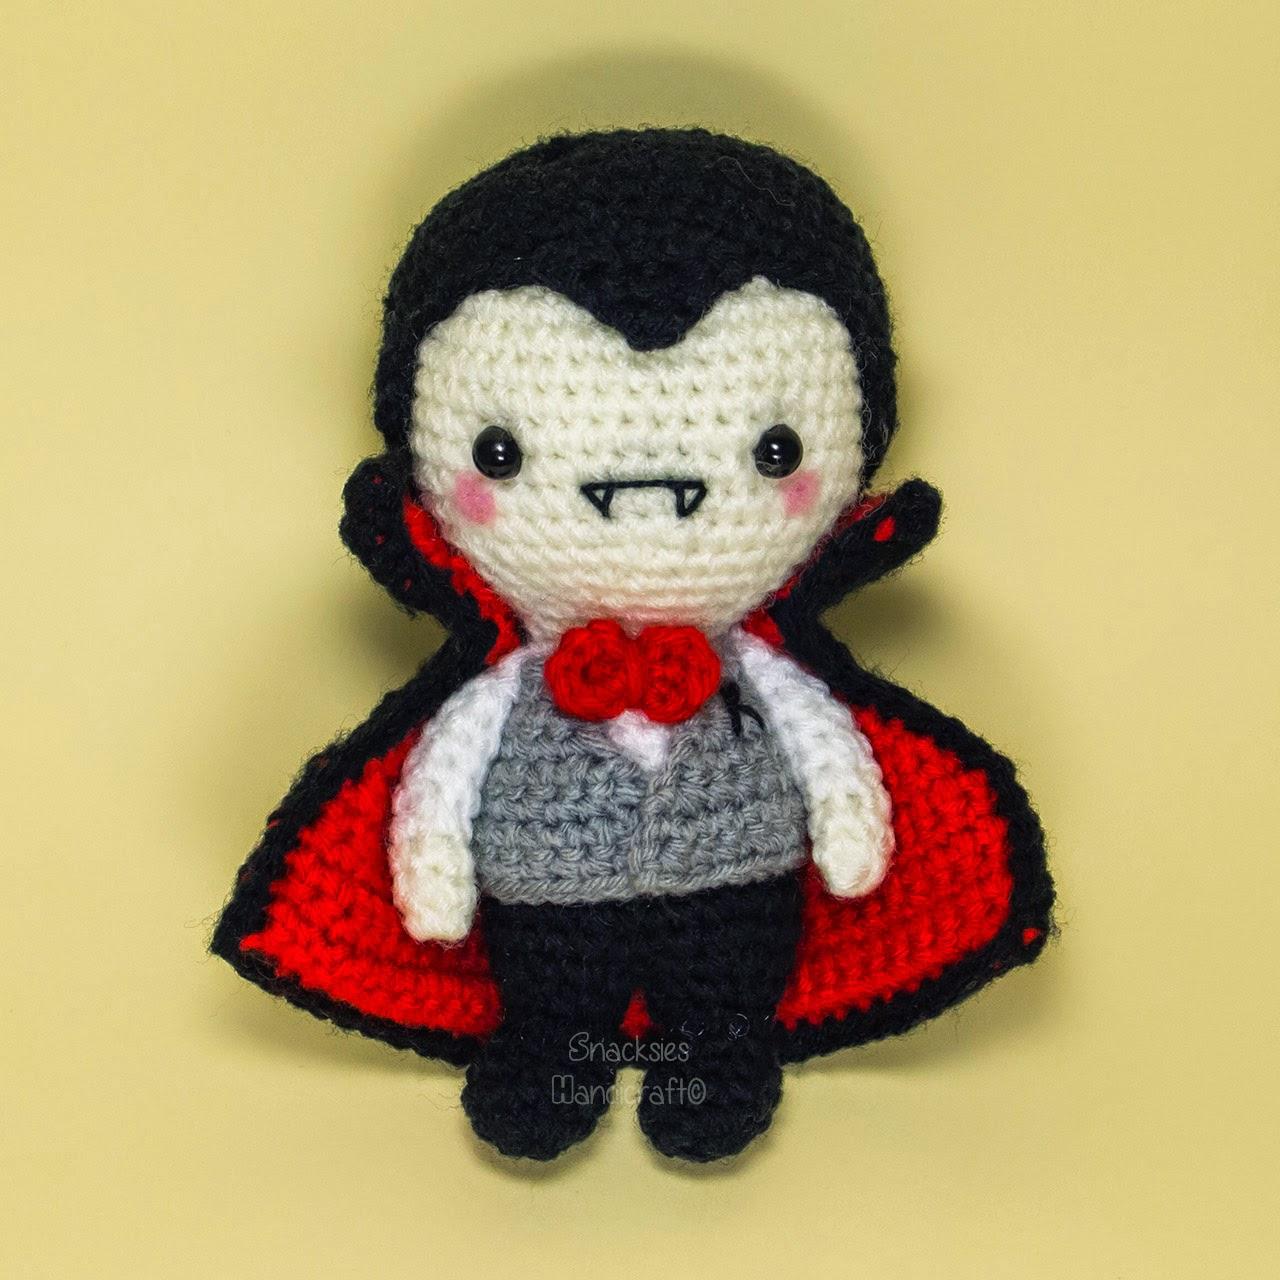 crocheted-vampire-amigurumi